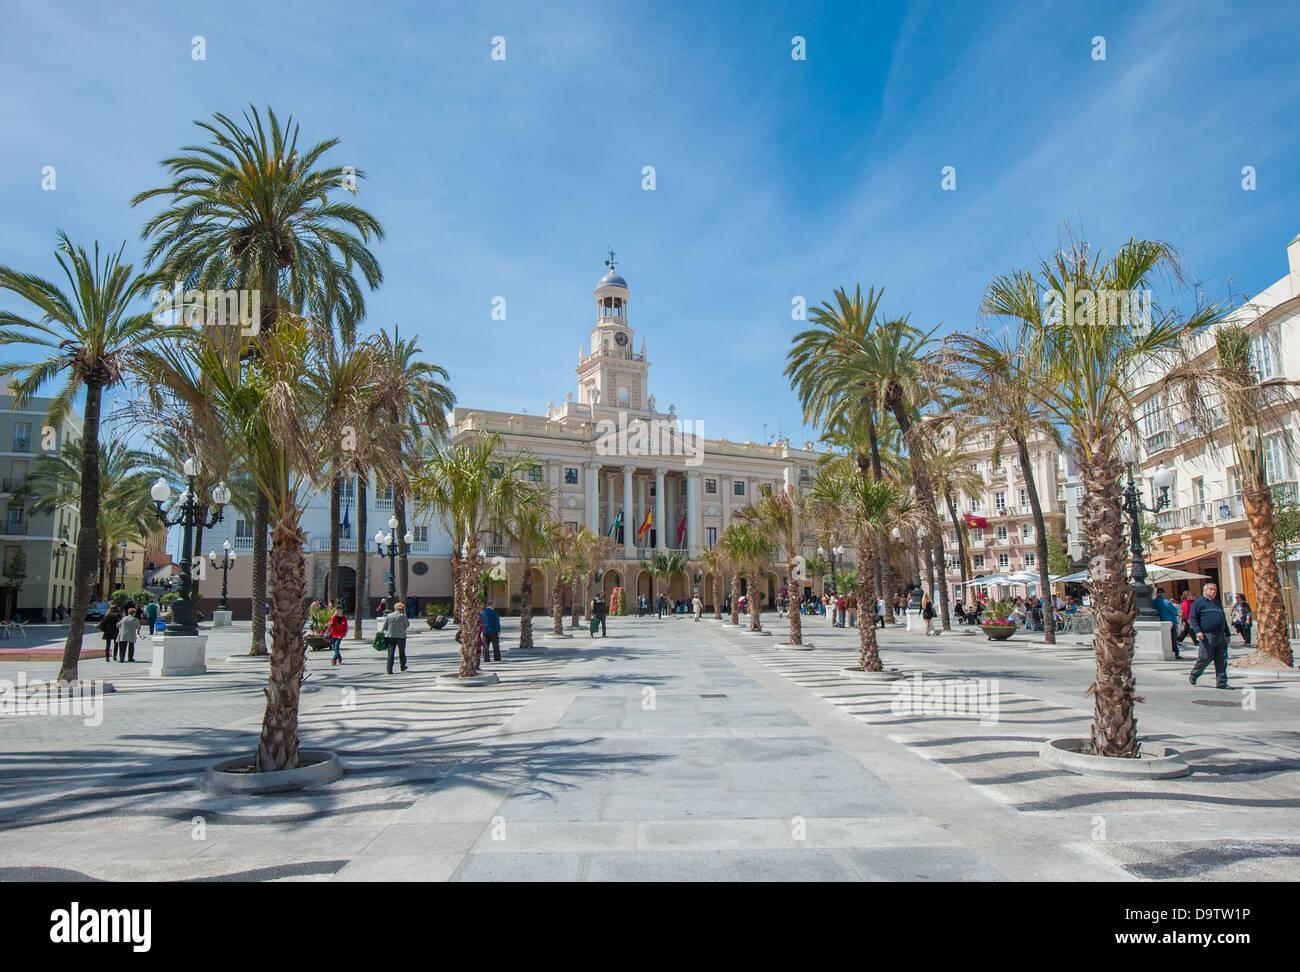 Ancien hôtel de ville de Cadix, Espagne Banque D'Images